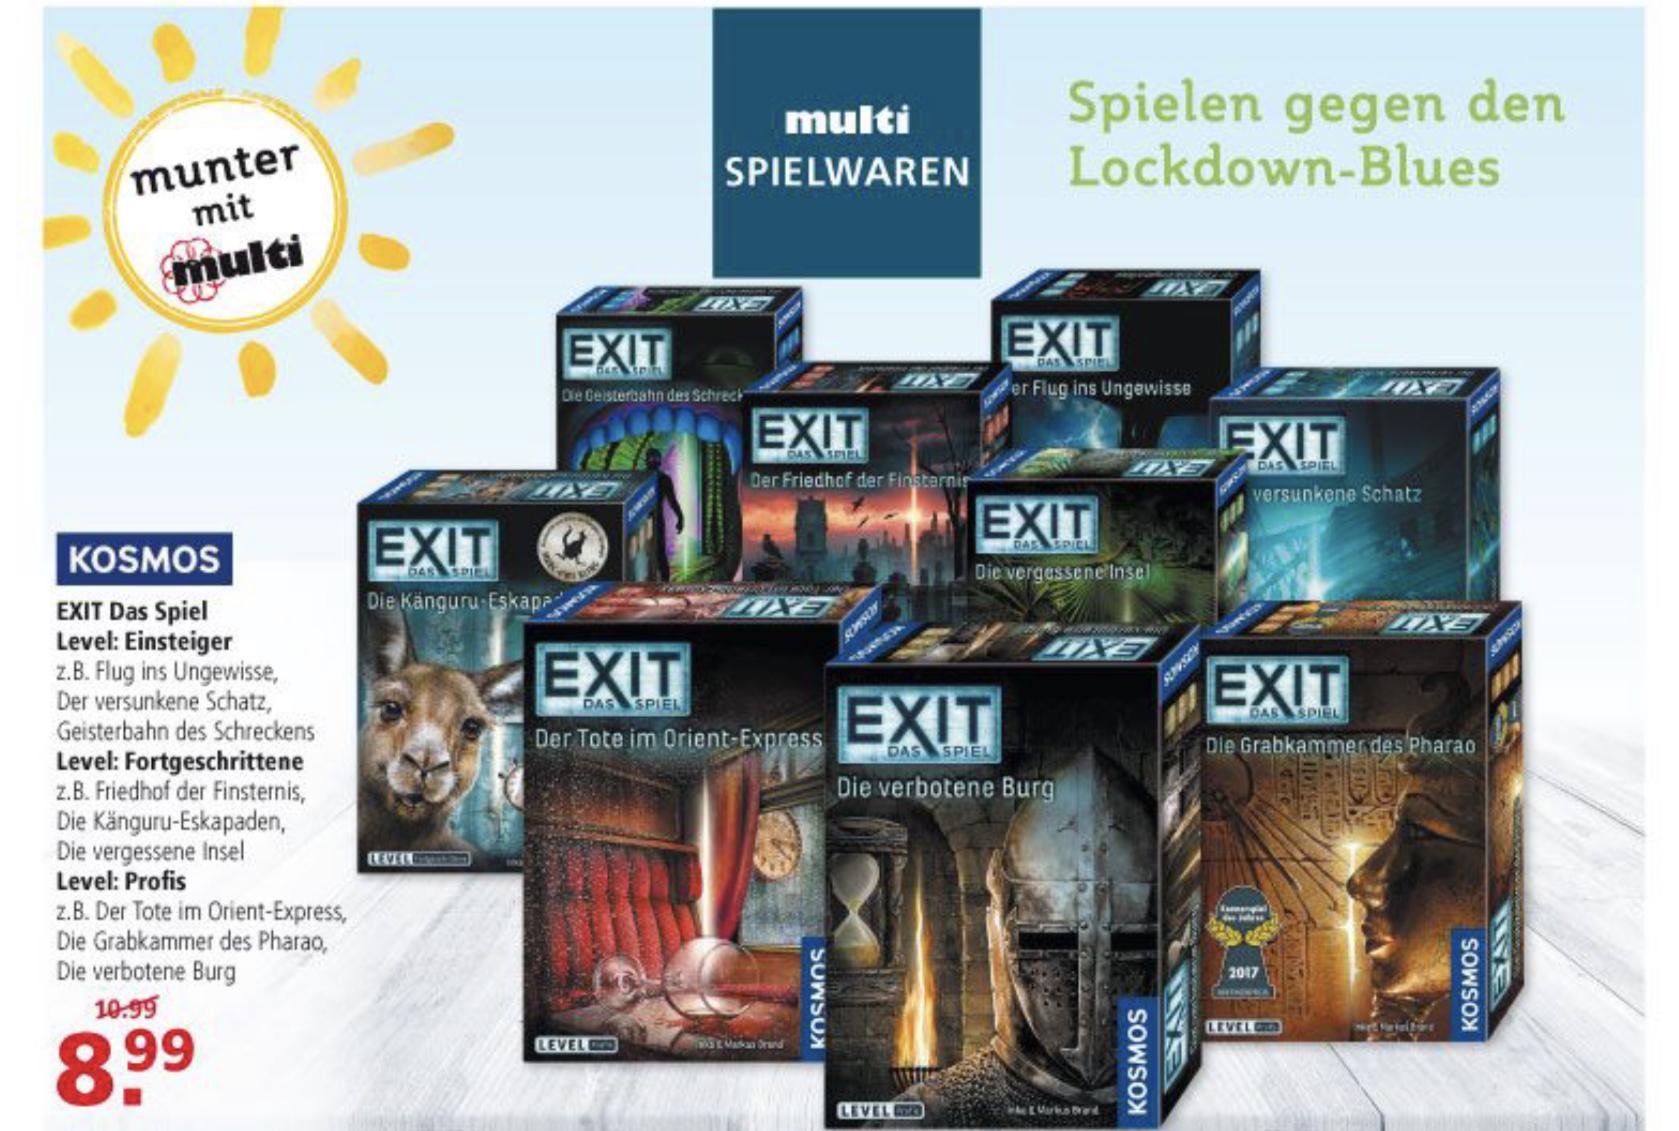 [Offline Ostfriesland] Verschiedene Kosmos Exit Spiele bei Multi